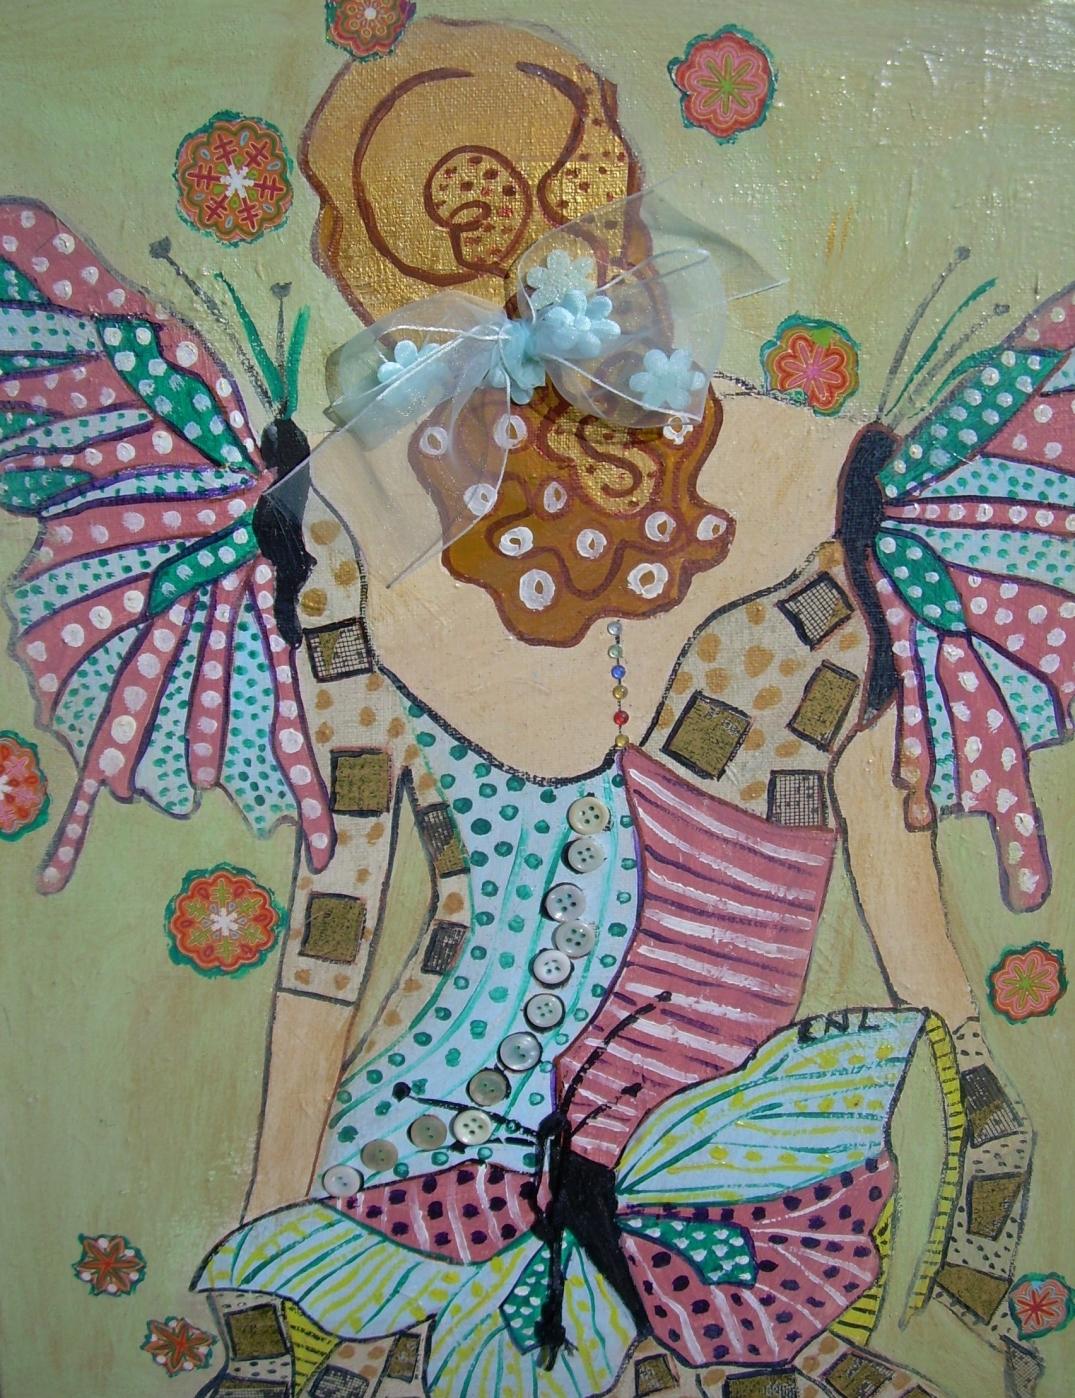 Fée-Papillon 35x50cm CNLacrylique et collage Vendu